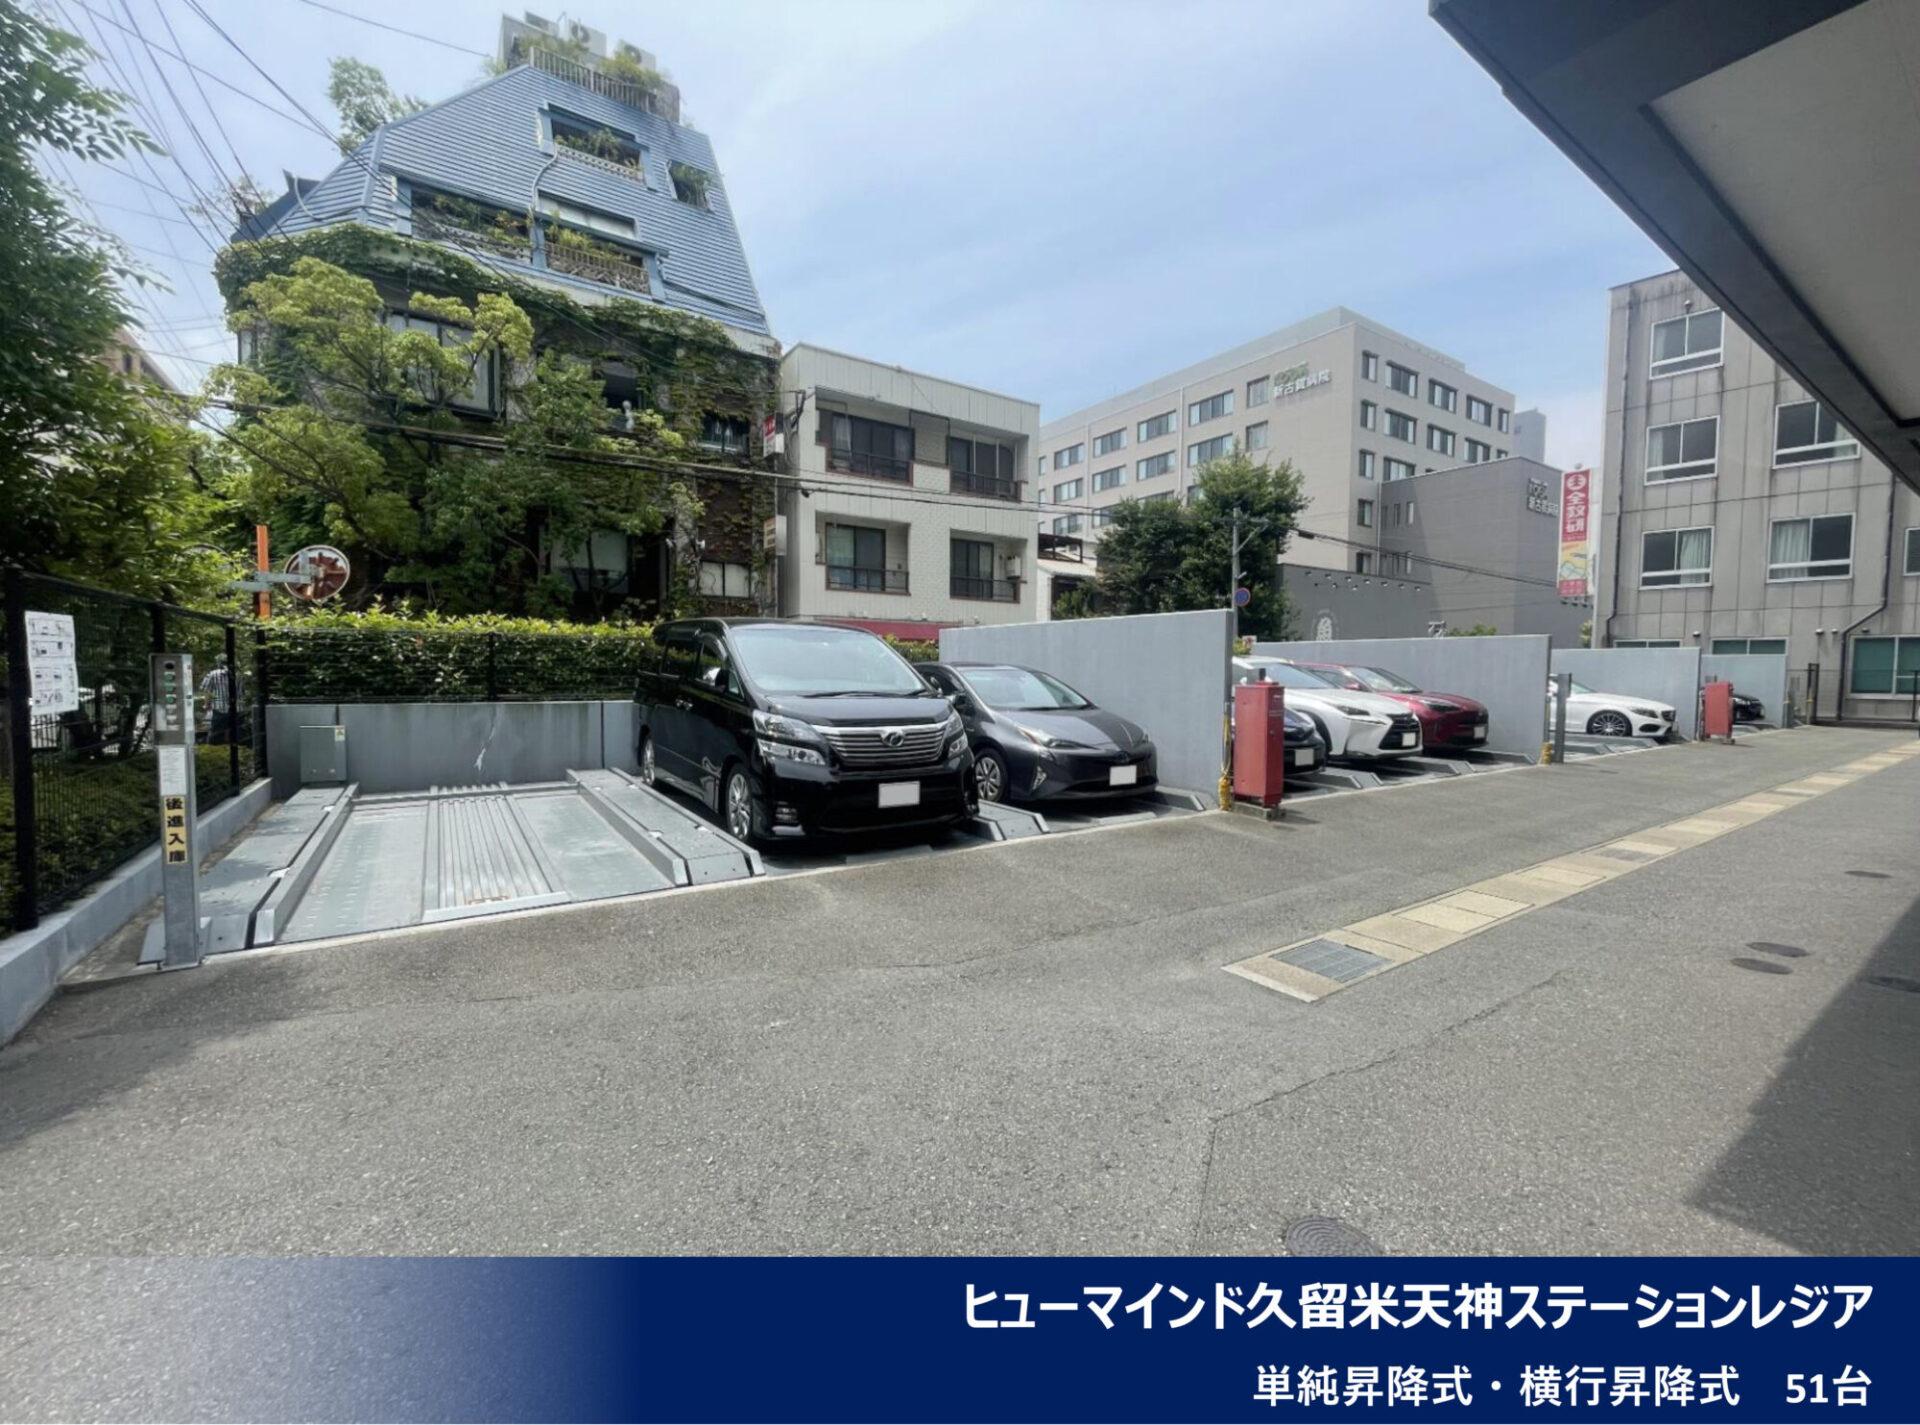 2021年7月度 関西22件・関東14件 機械式・立体式駐車場メンテナンス受託を頂きました!